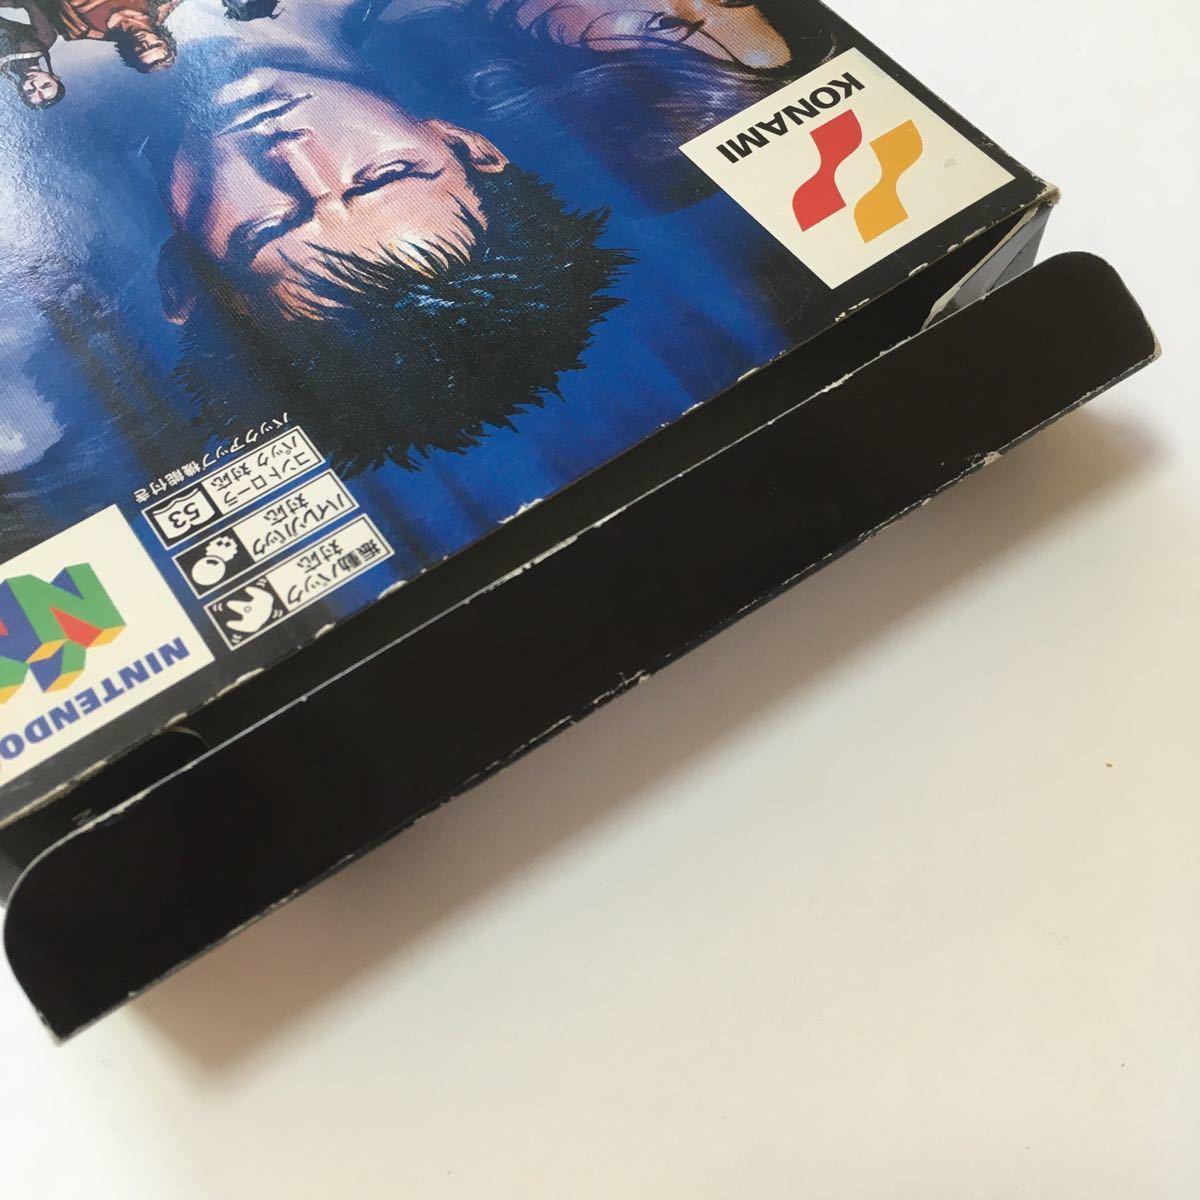 ニンテンドー64 ソフト ハイブリッドヘブン 箱、説明書付き 動作確認済み カセット ゲーム レトロ 任天堂 ロクヨン